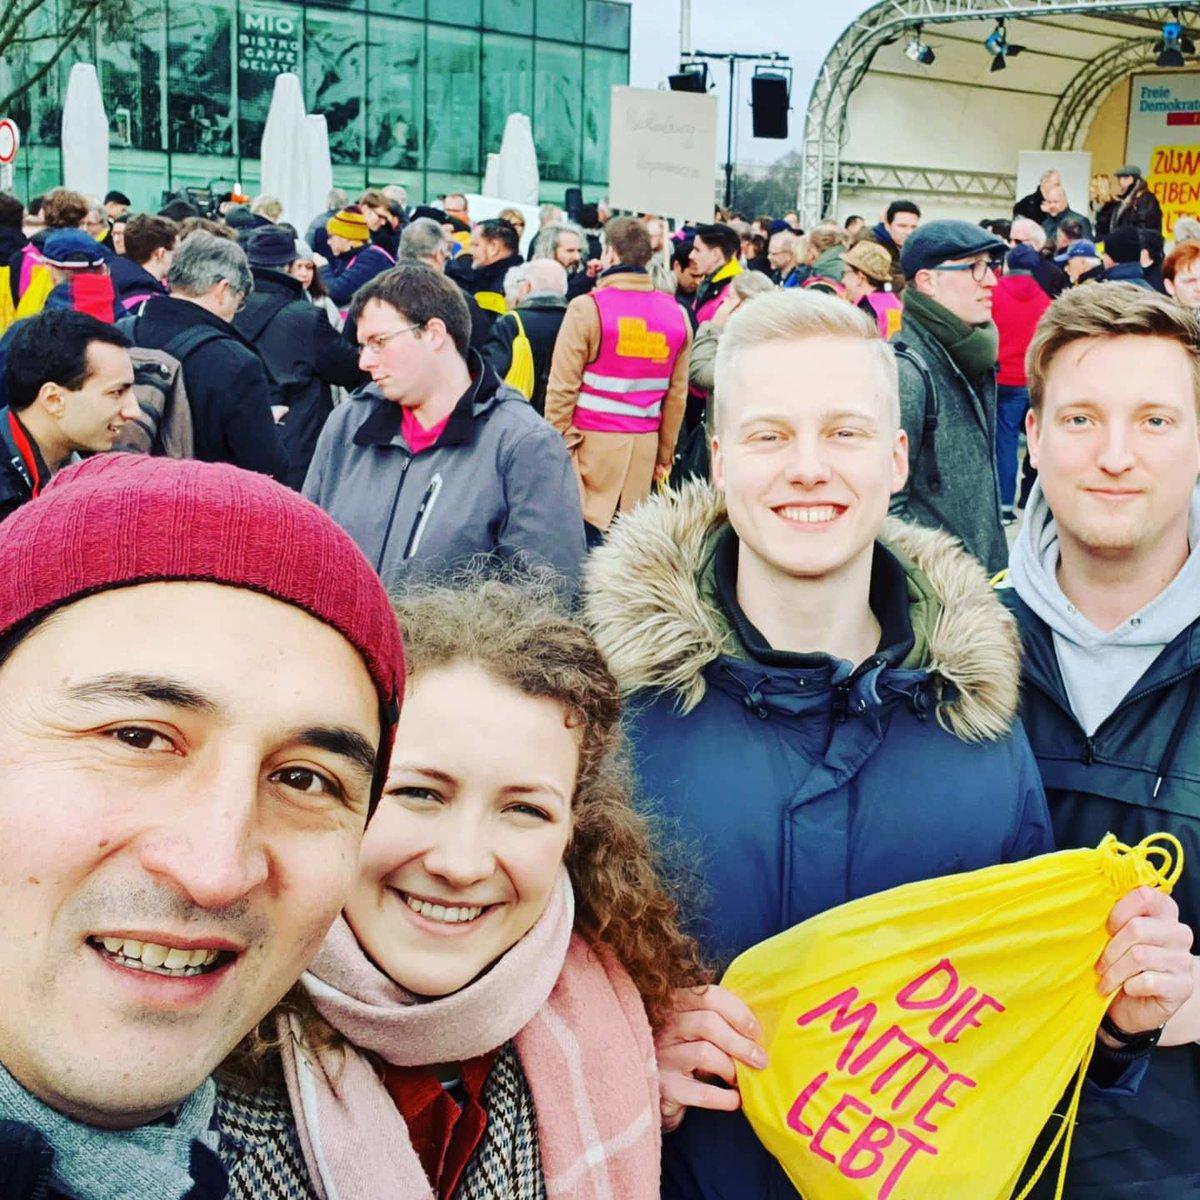 Sehr gut besuchte Kundgebung in Hamburg mit vielen großartigen Wahlkämpfern aus NRW und ganz Deutschland. Danke an @AnnaVTreuenfels für eine starke Rede. Die Mitte lebt!  #diemittelebt #FDP #freiedemokraten #hhwahlpic.twitter.com/H32nzDk0vc